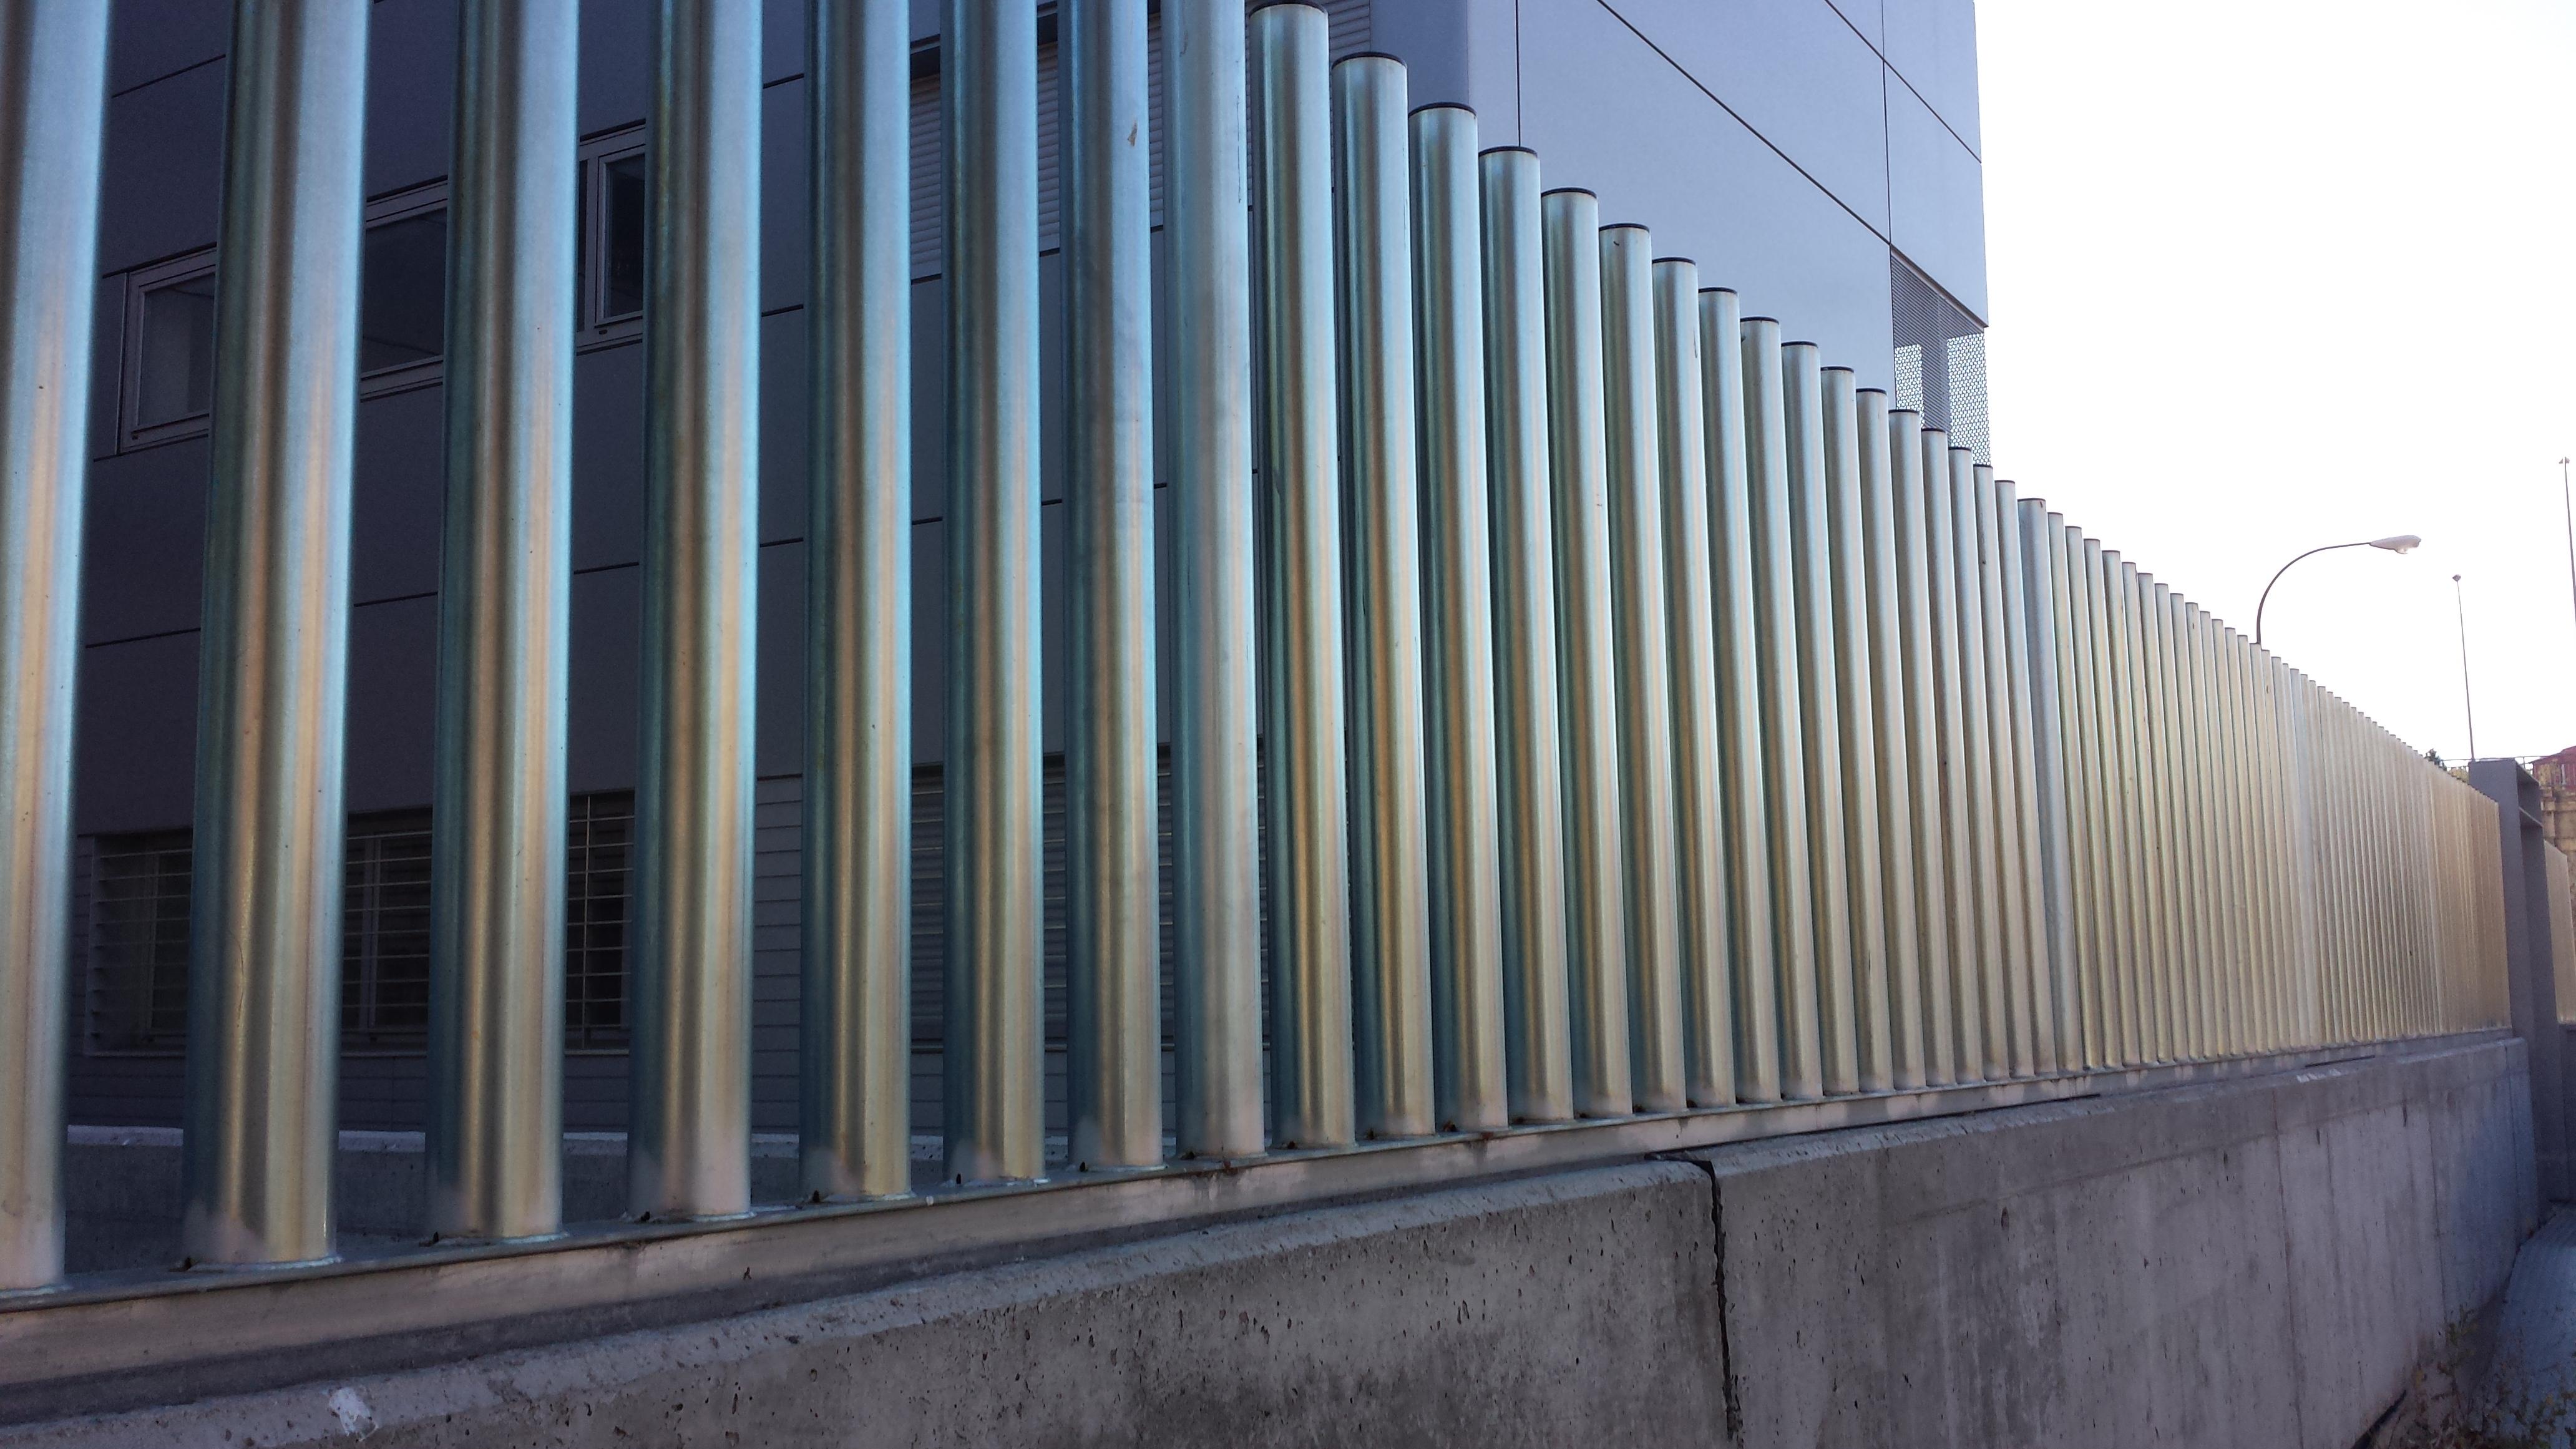 Valla cercado malla metalica verja reja puerta galvanizada - Puertas para vallas ...